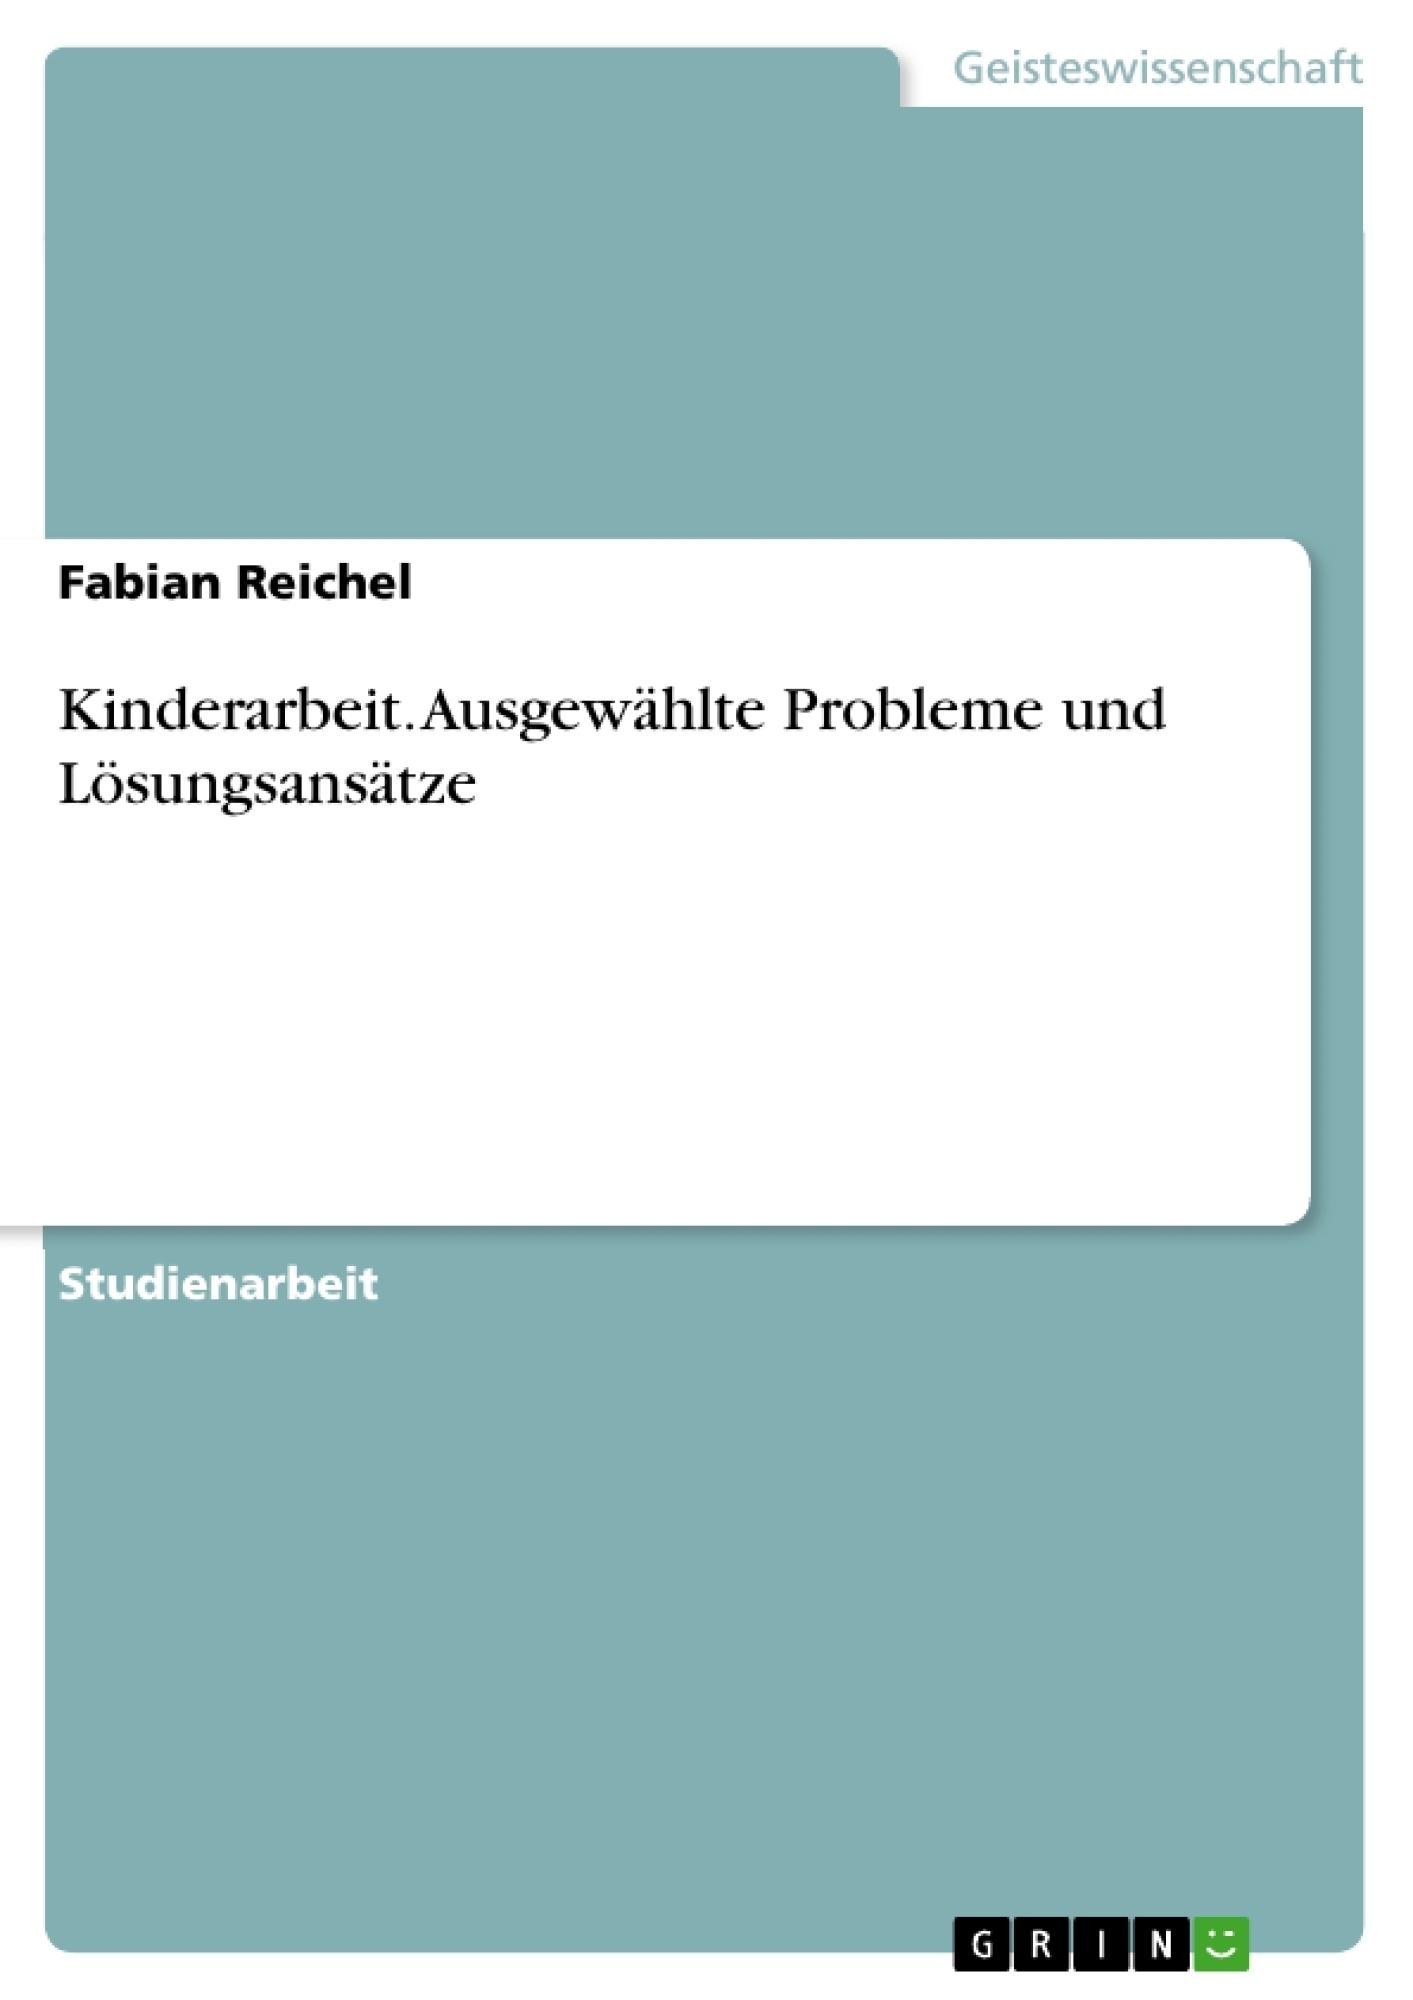 Titel: Kinderarbeit. Ausgewählte Probleme und Lösungsansätze